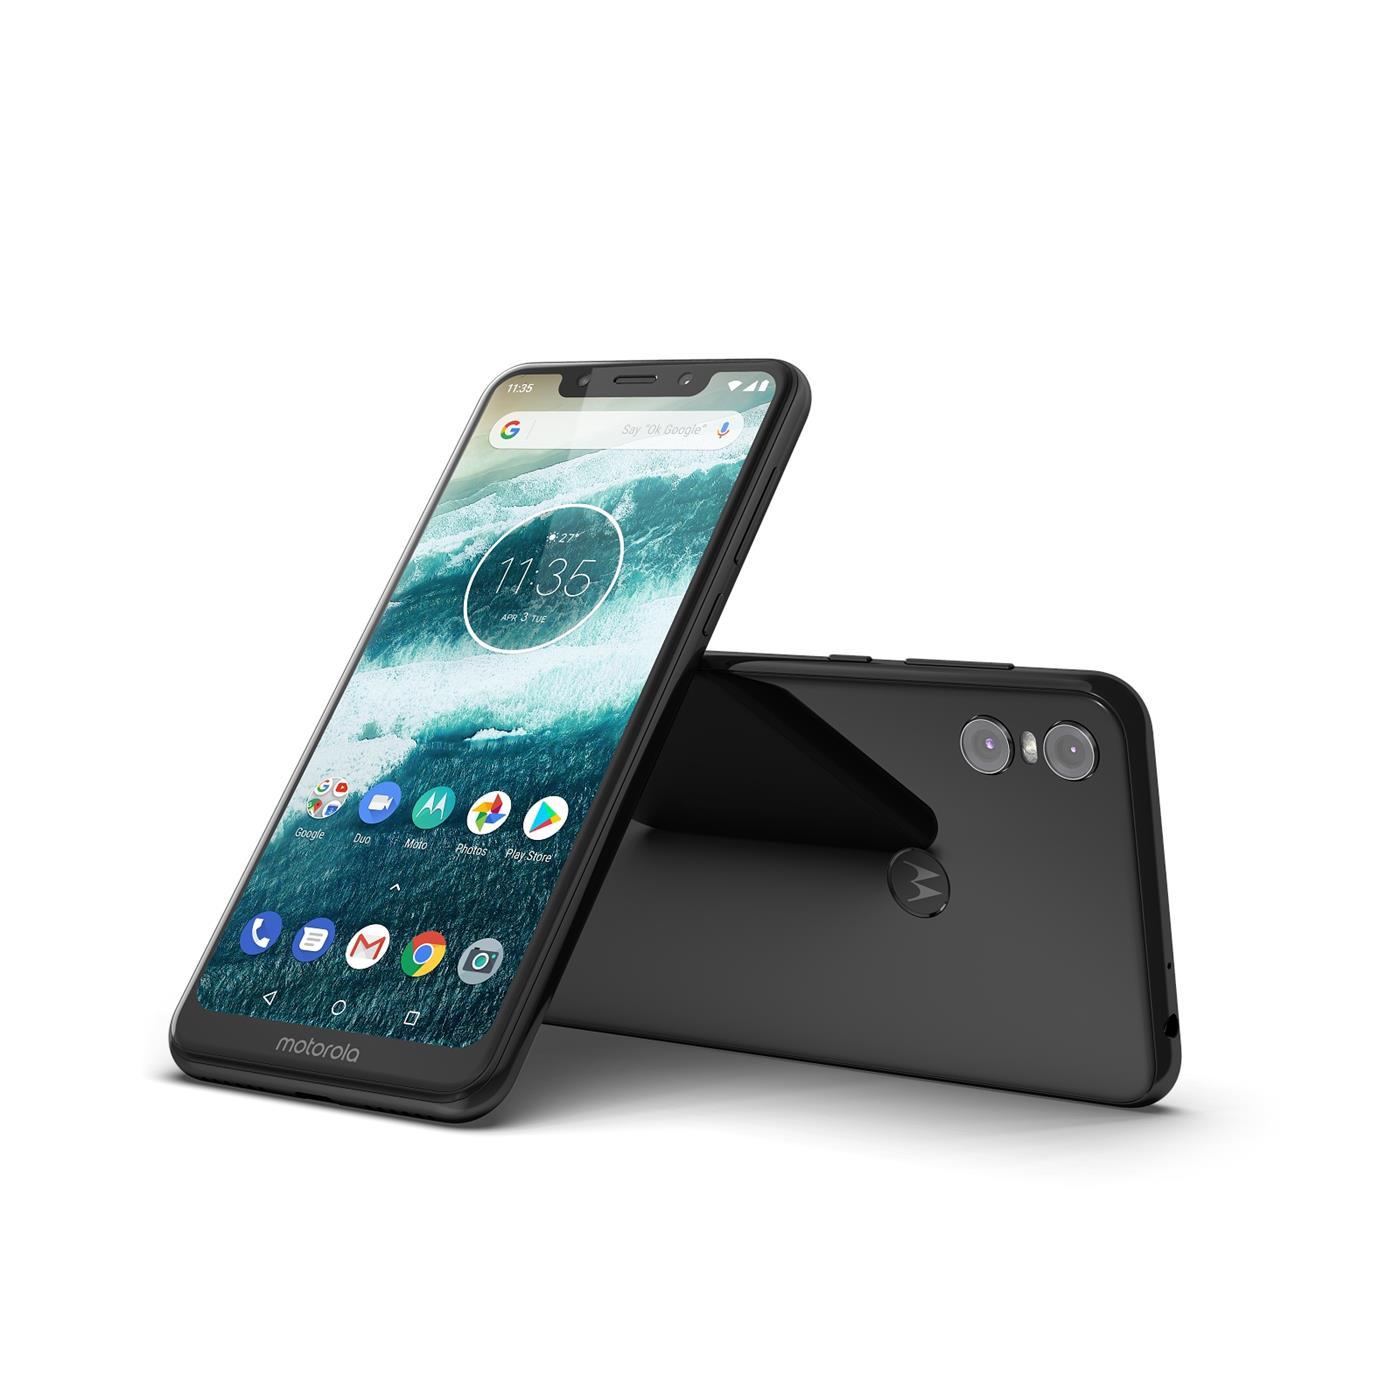 Nová Motorola s čistým Androidem přichází na český trh. Slibně vypadající  model kazí cena. 5986a36e62